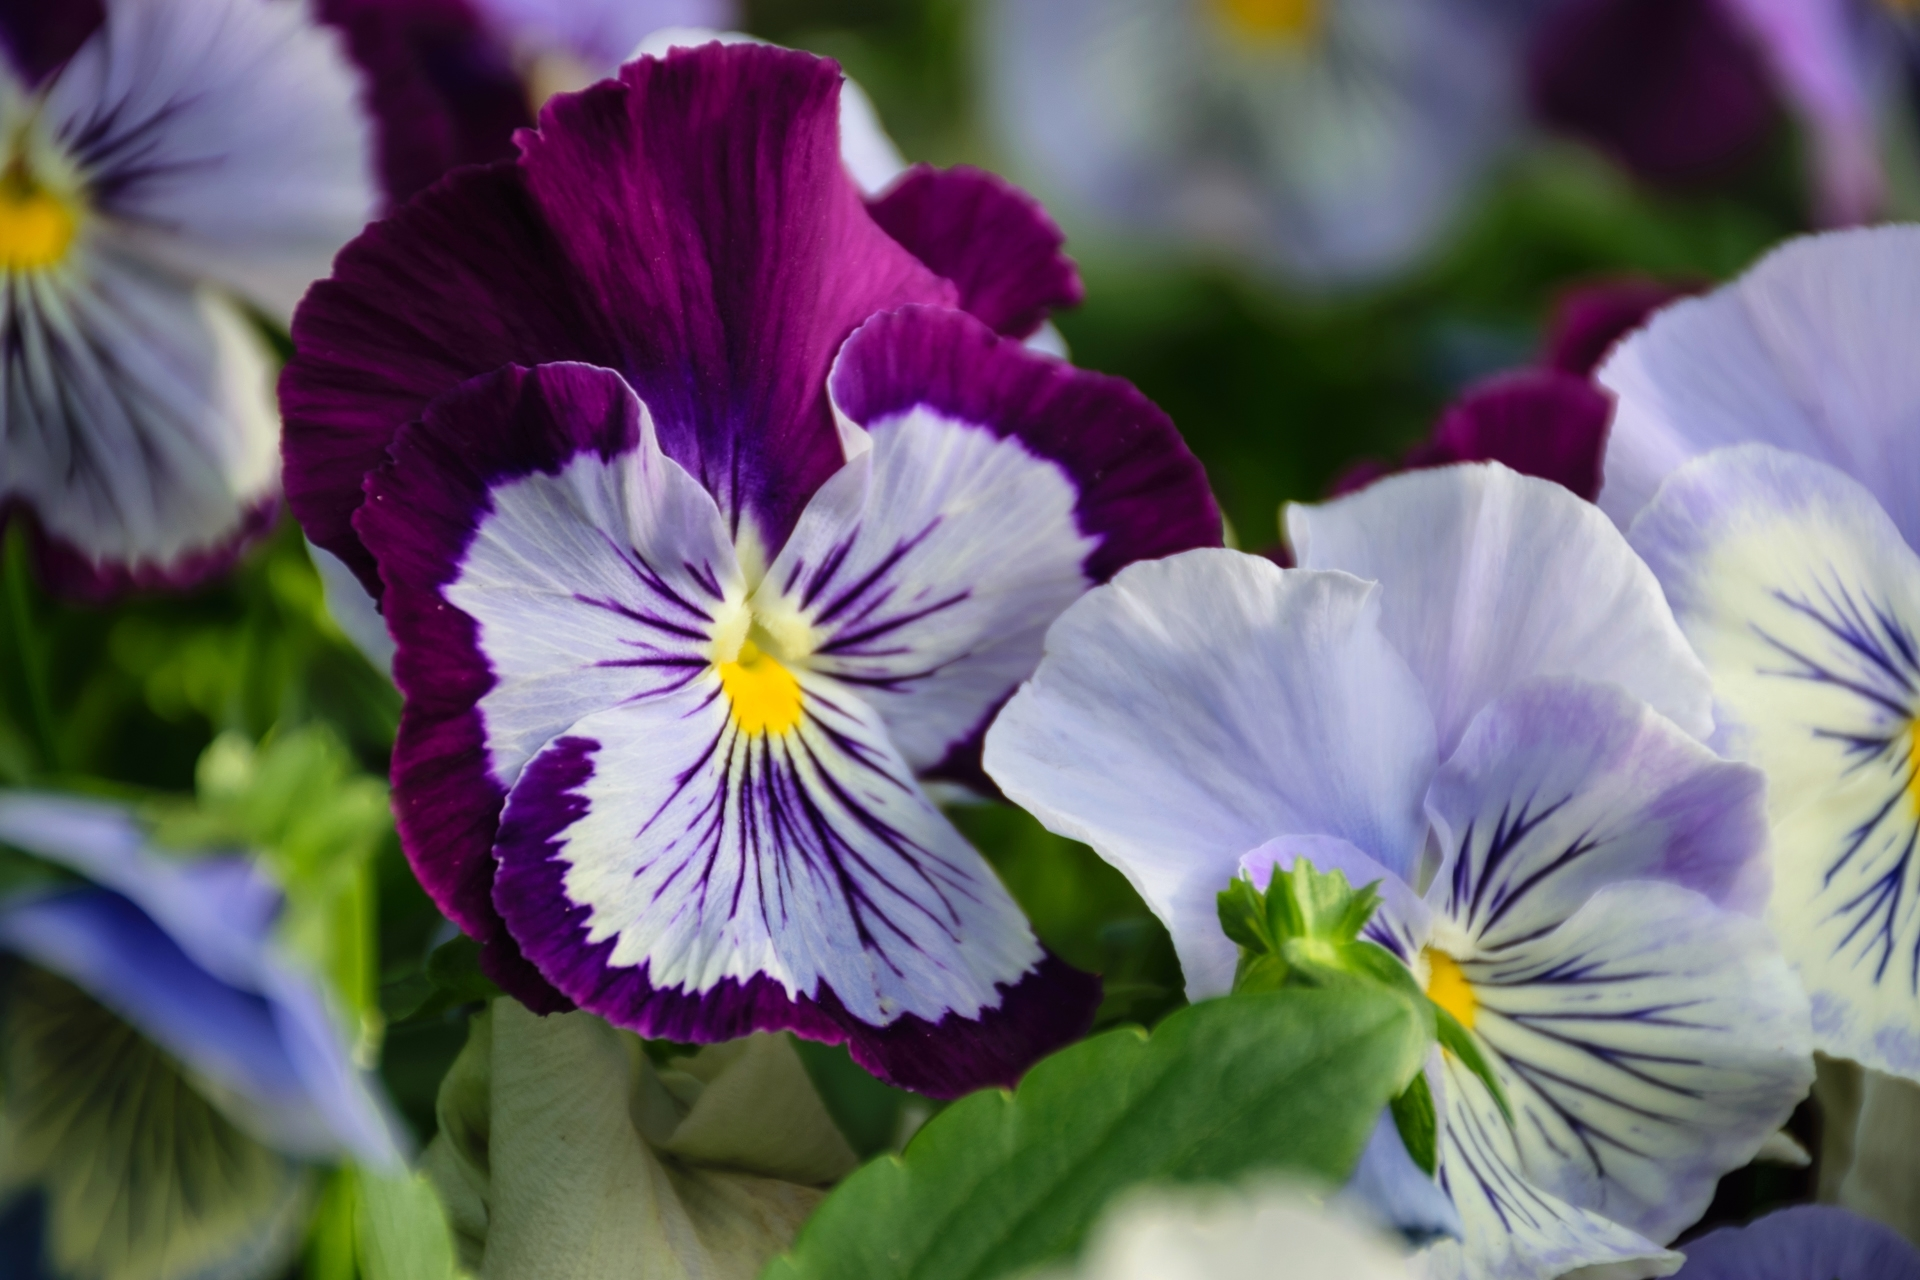 числе анютины глазки фото цветов хорошего разрешения изделия можно приобрести